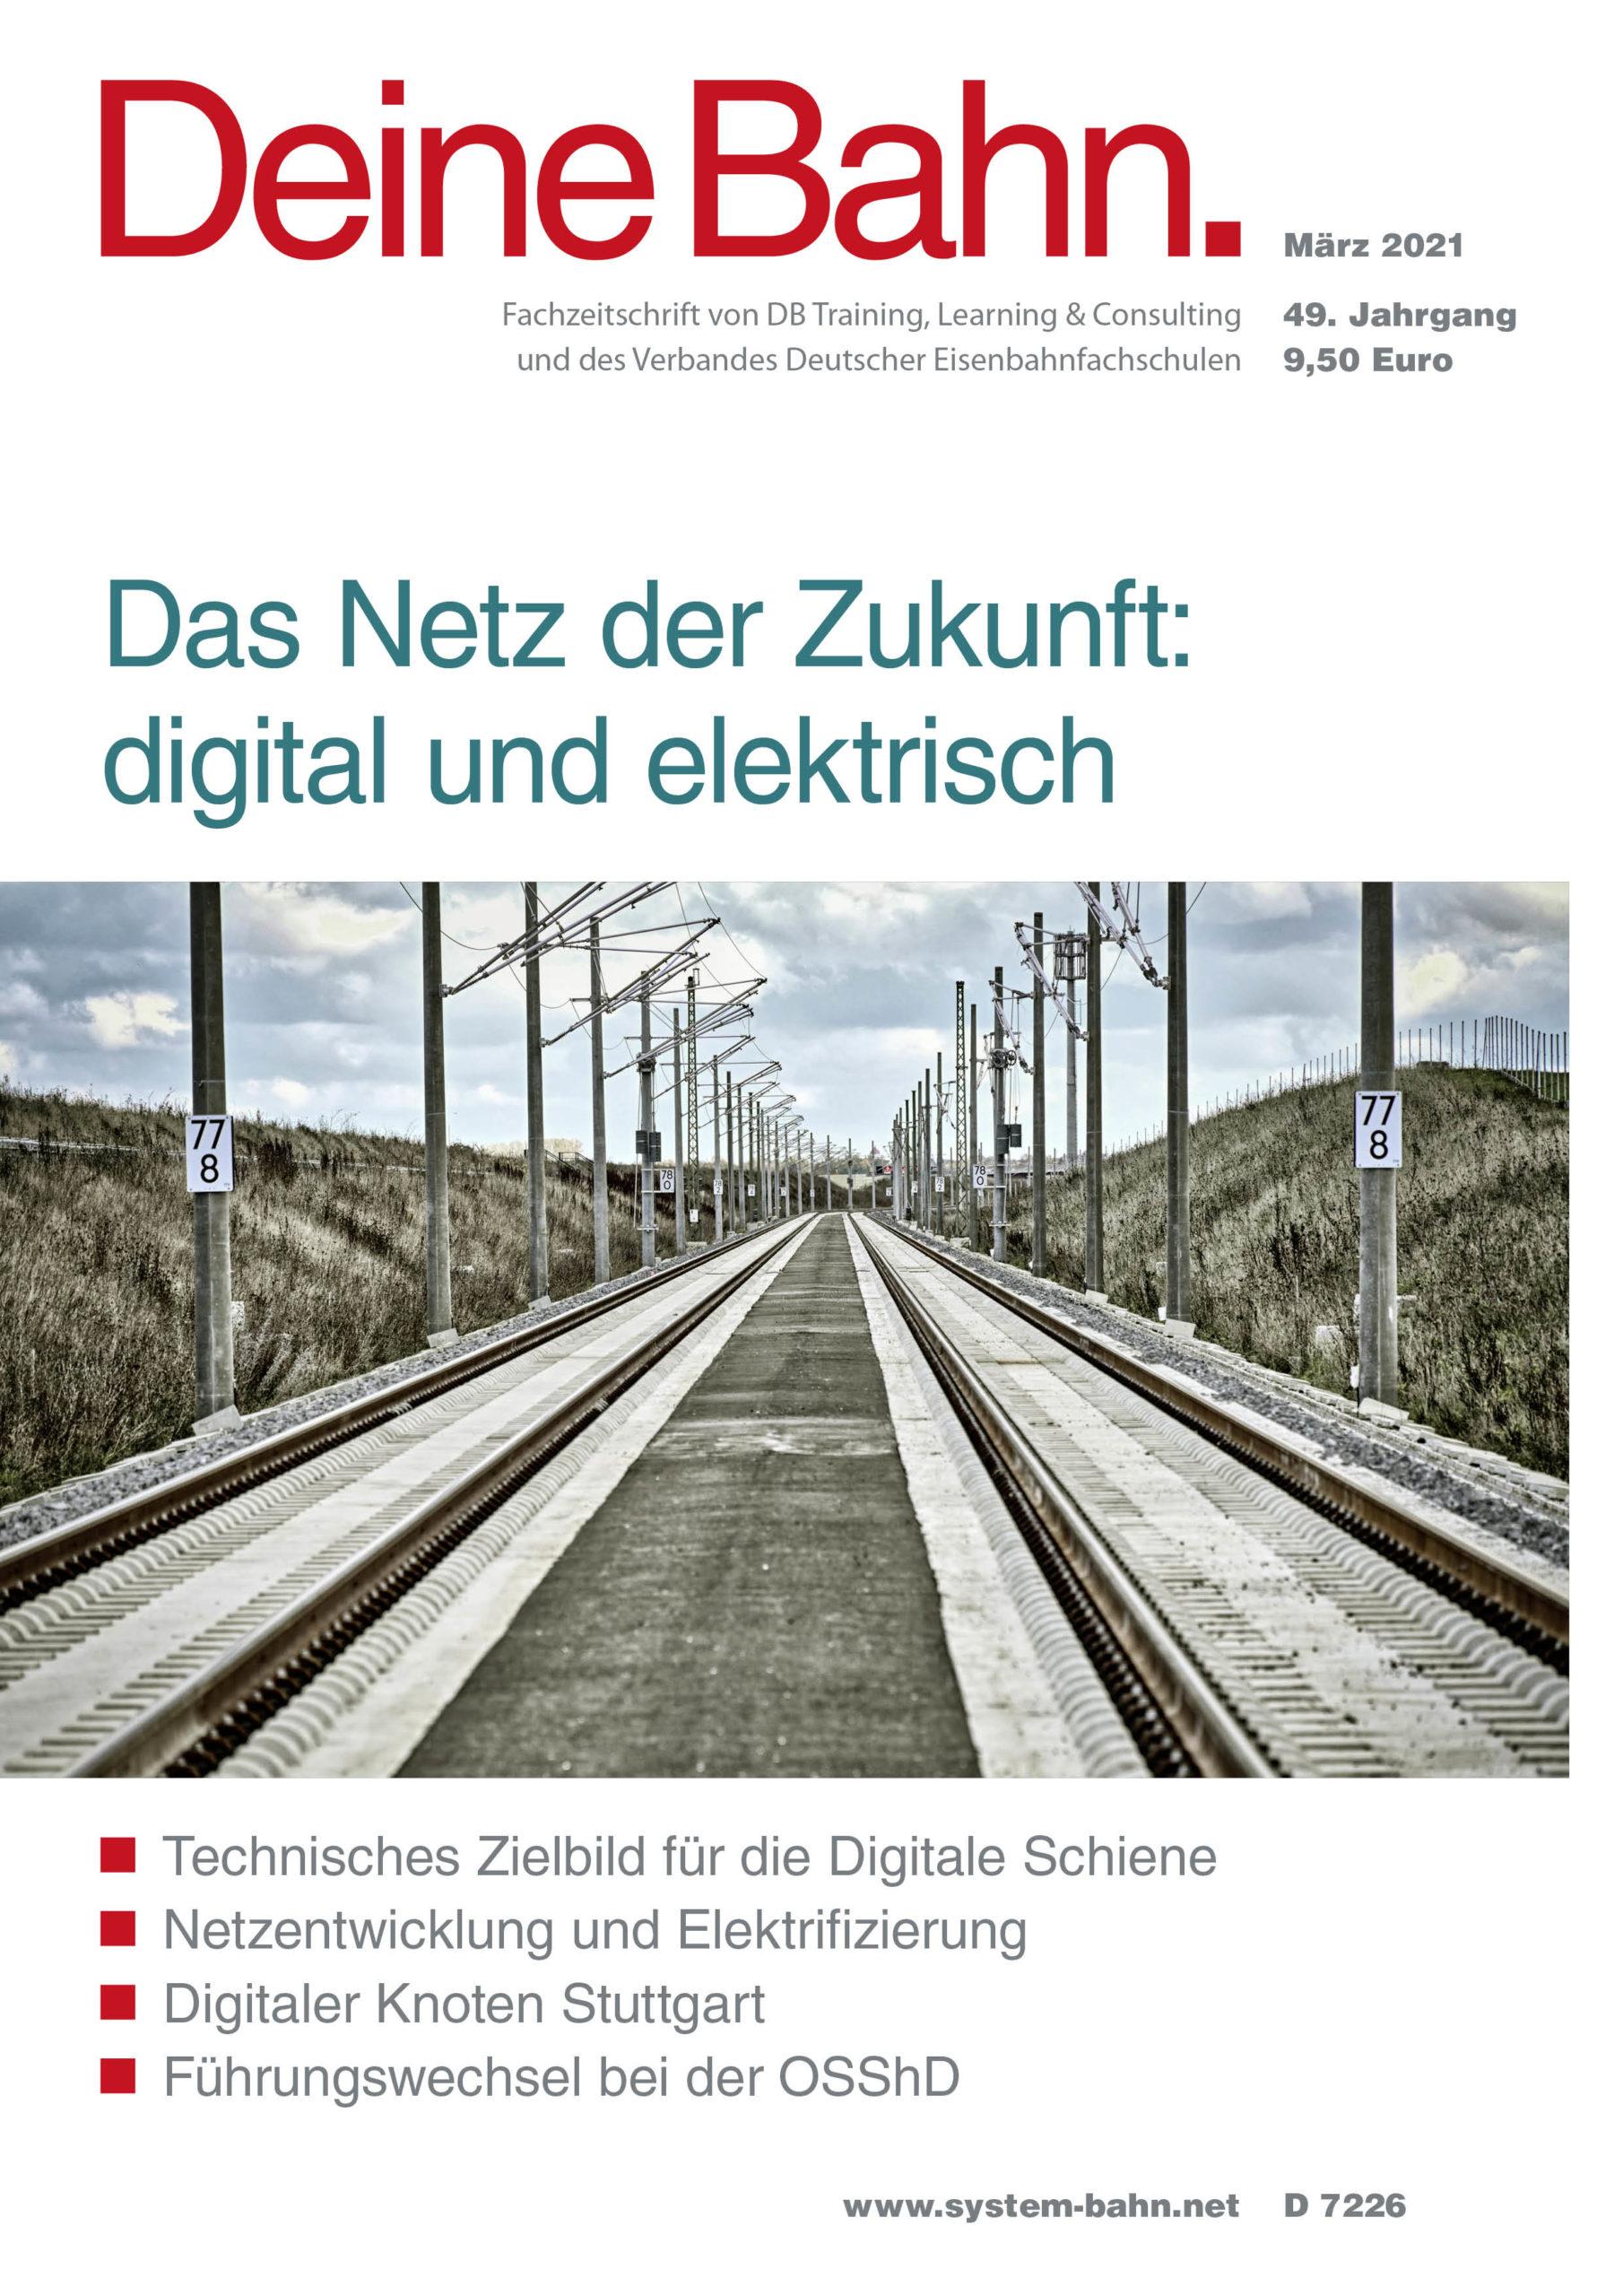 Umschlagmotiv Fachzeitschrift Deine Bahn März 2021